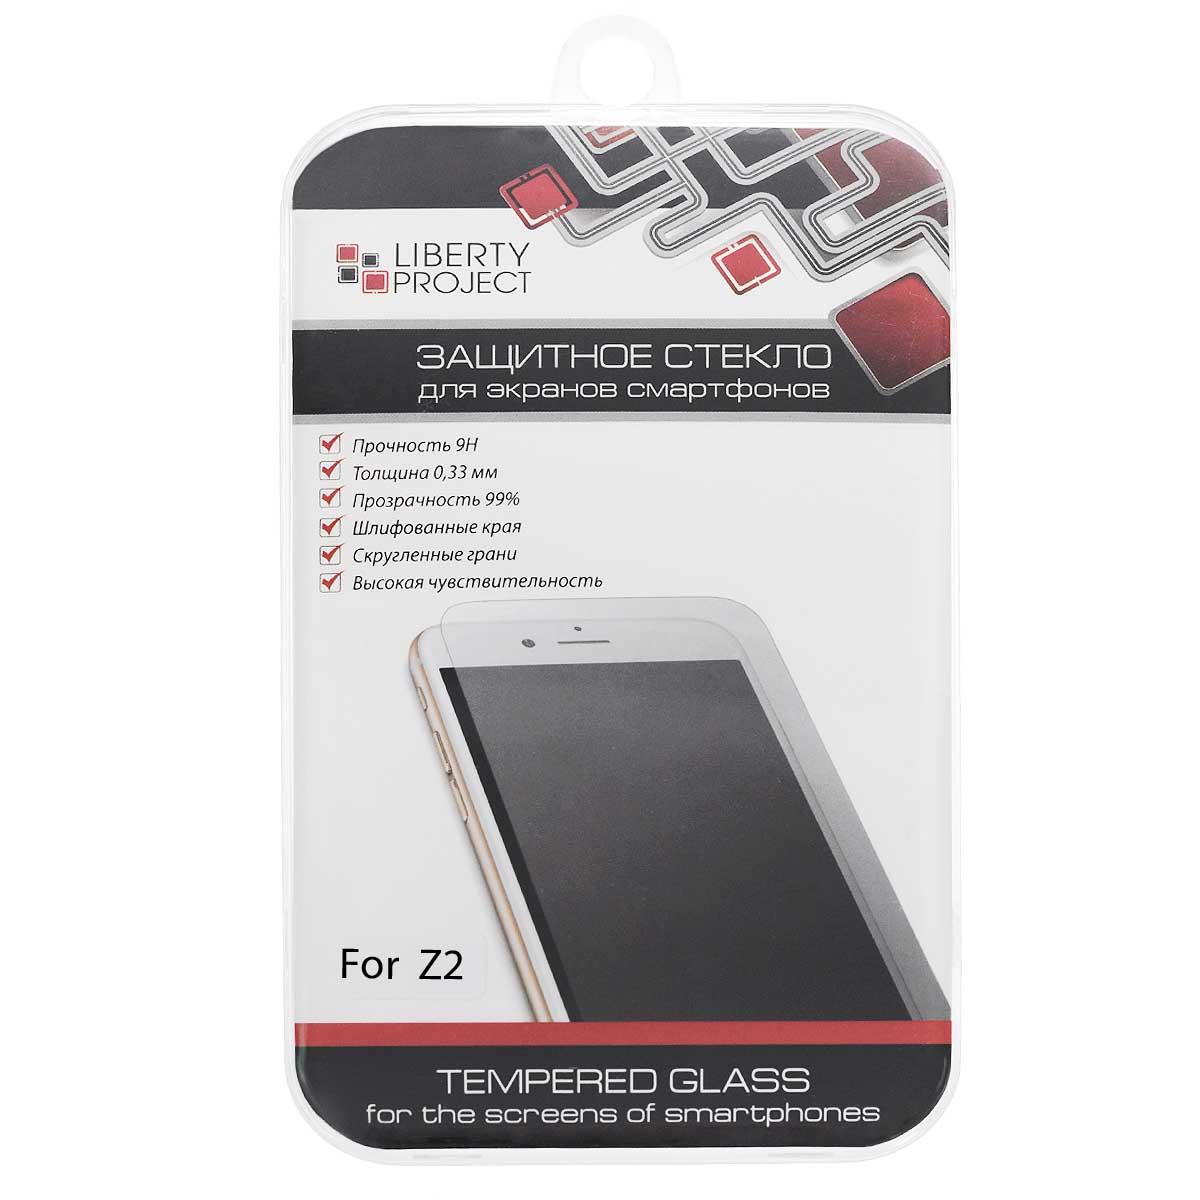 Liberty Project Tempered Glass защитное стекло для Sony Z2, Clear (0,33 мм)0L-00000509Защитное стекло Liberty Project Tempered Glass предназначено для защиты поверхности экрана, от царапин, потертостей, отпечатков пальцев и прочих следов механического воздействия. Гарантирует высокую чувствительность при работе с устройством. Данная модель также обладает антибликовым и водоотталкивающим эффектом.